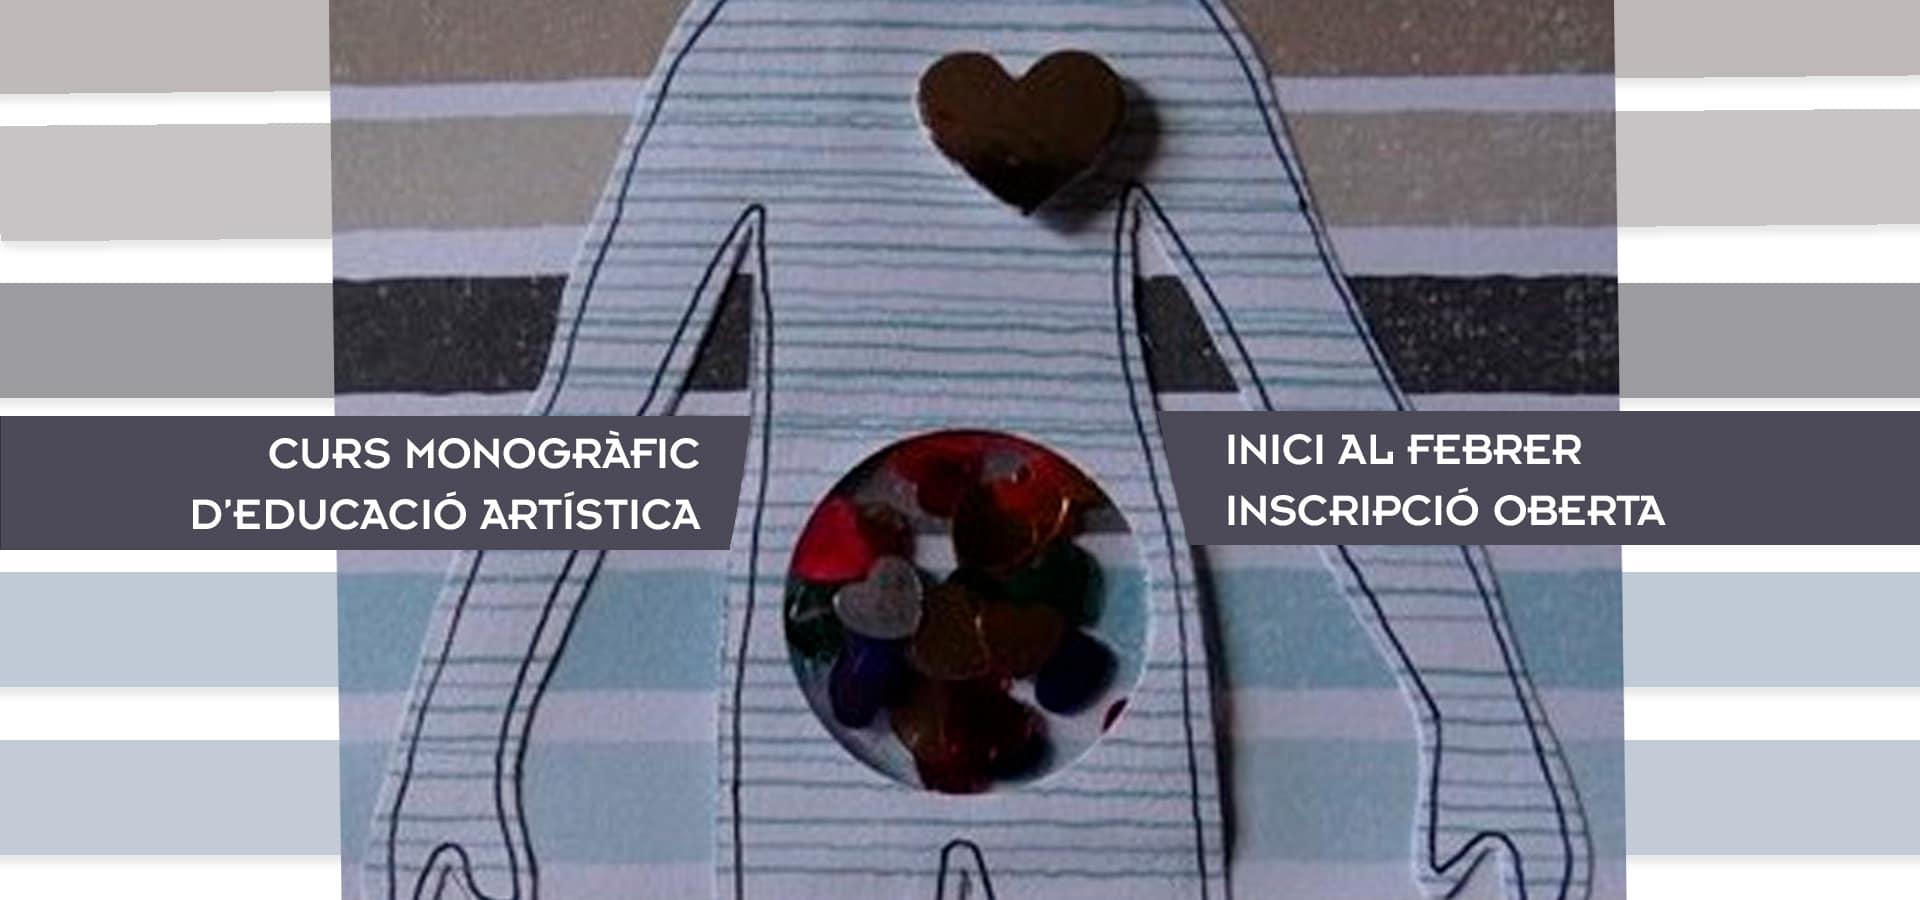 Monogràfic educació artística